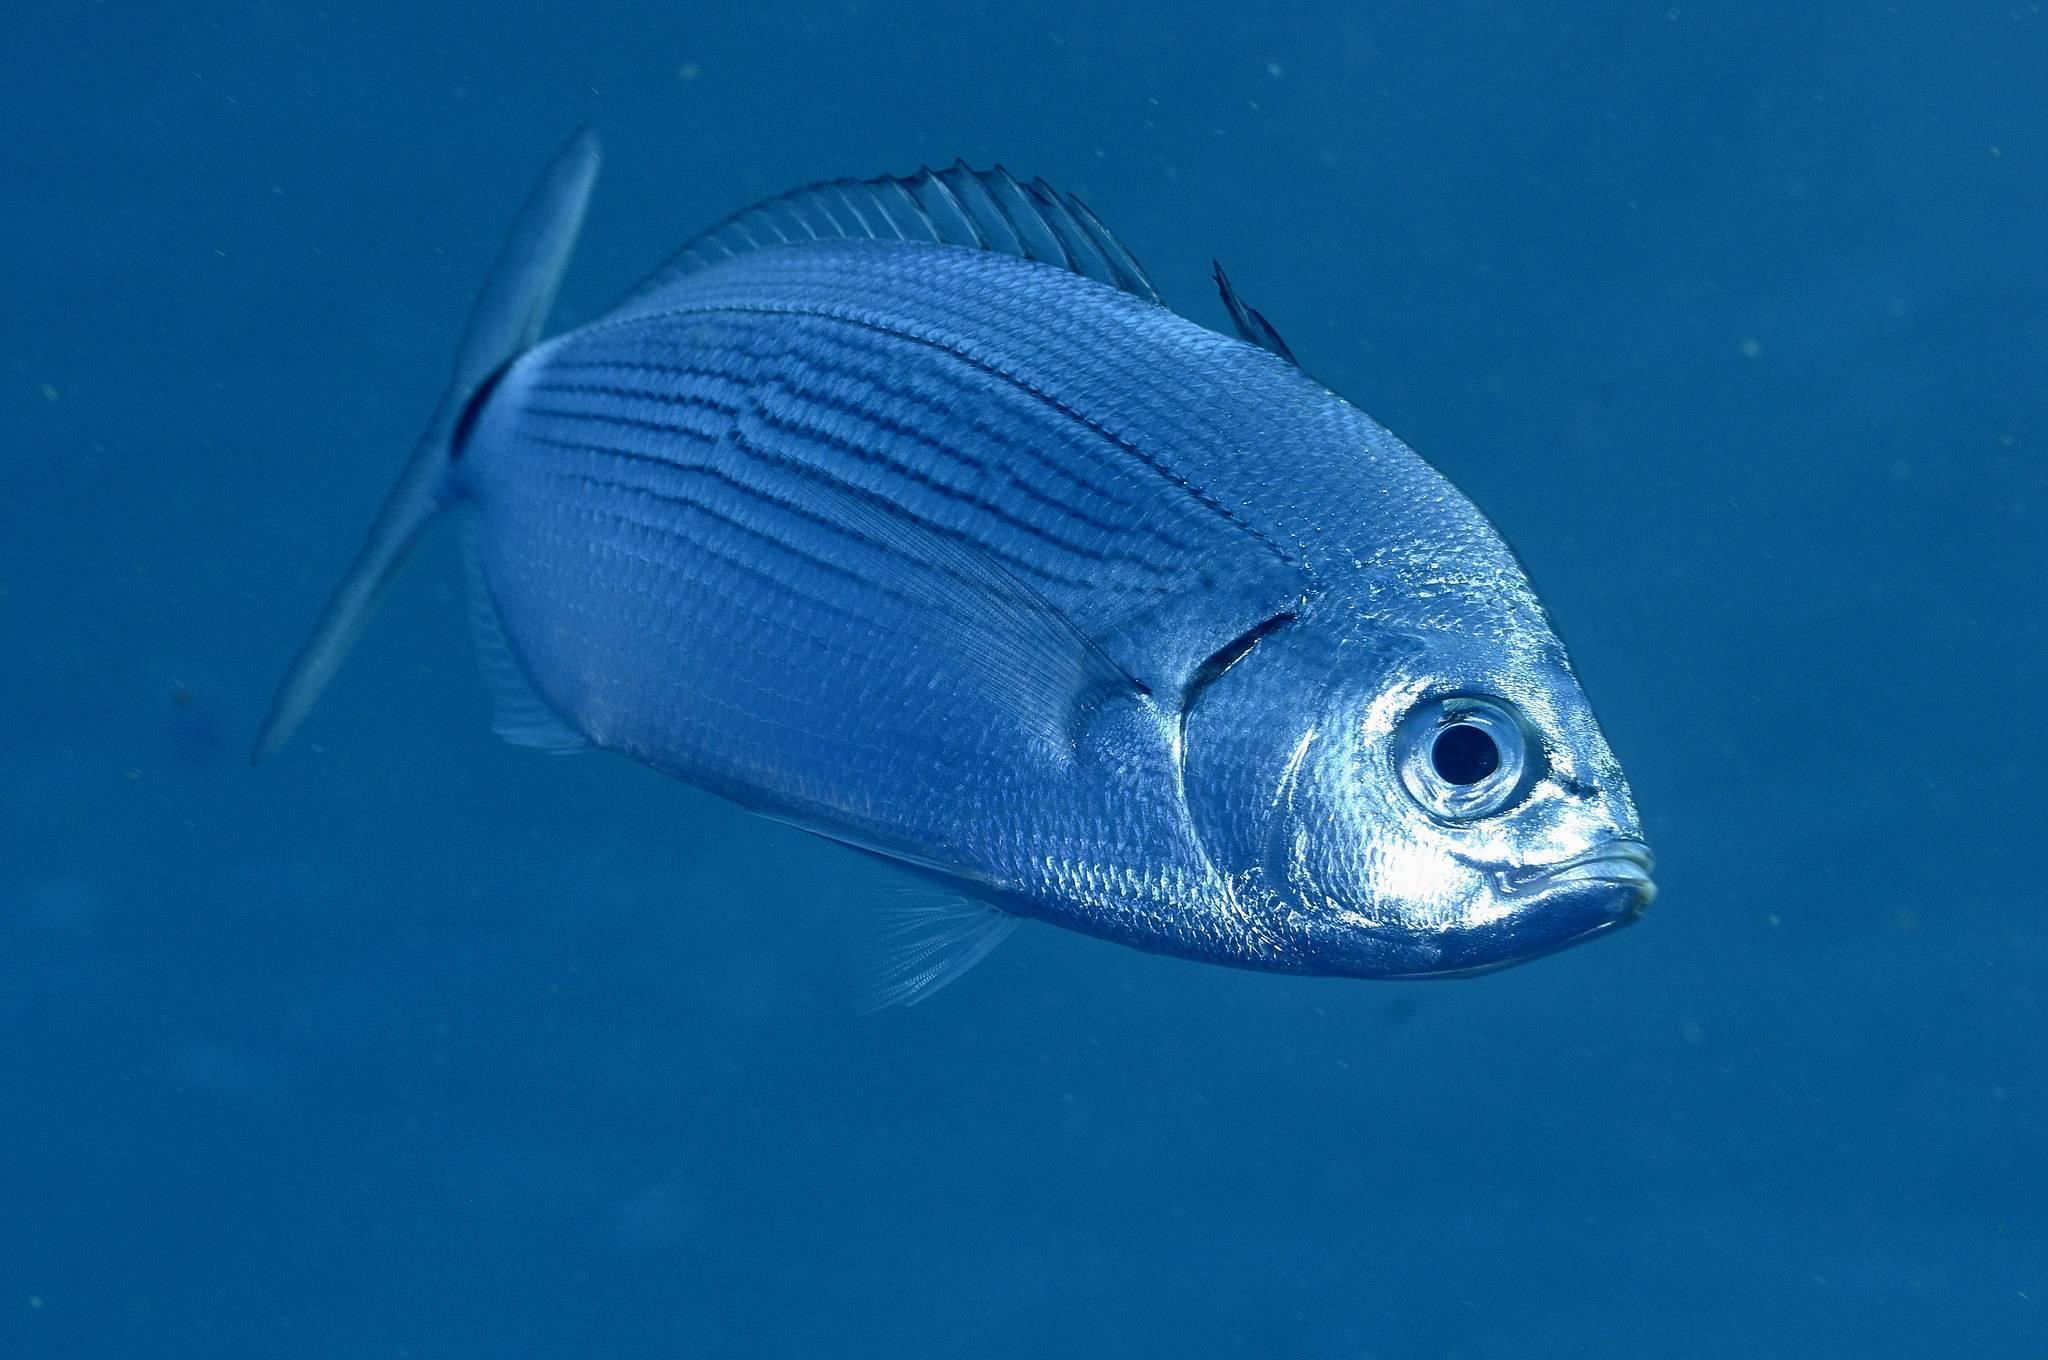 Жерех: описание и фото рыбы, виды, условия обитания, ловля и разведение